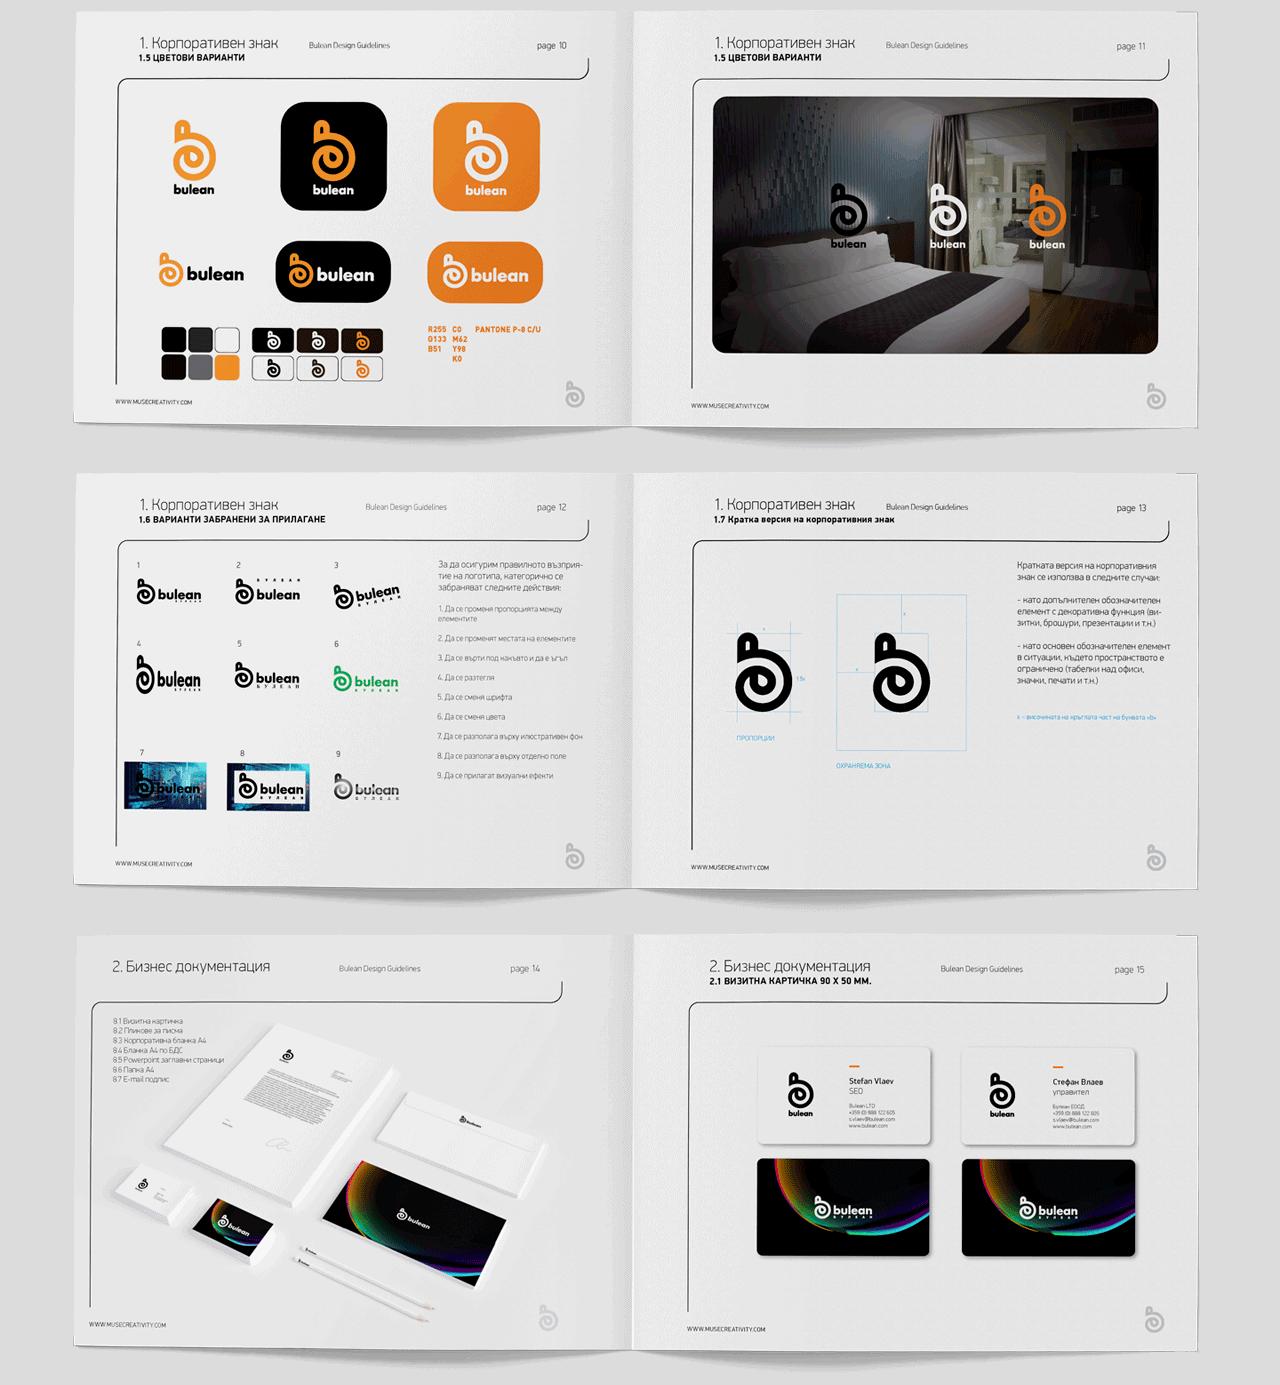 Bulean Ръководство, бранд, лого, идентичност дизайн проектиране от Muse Creativity 2